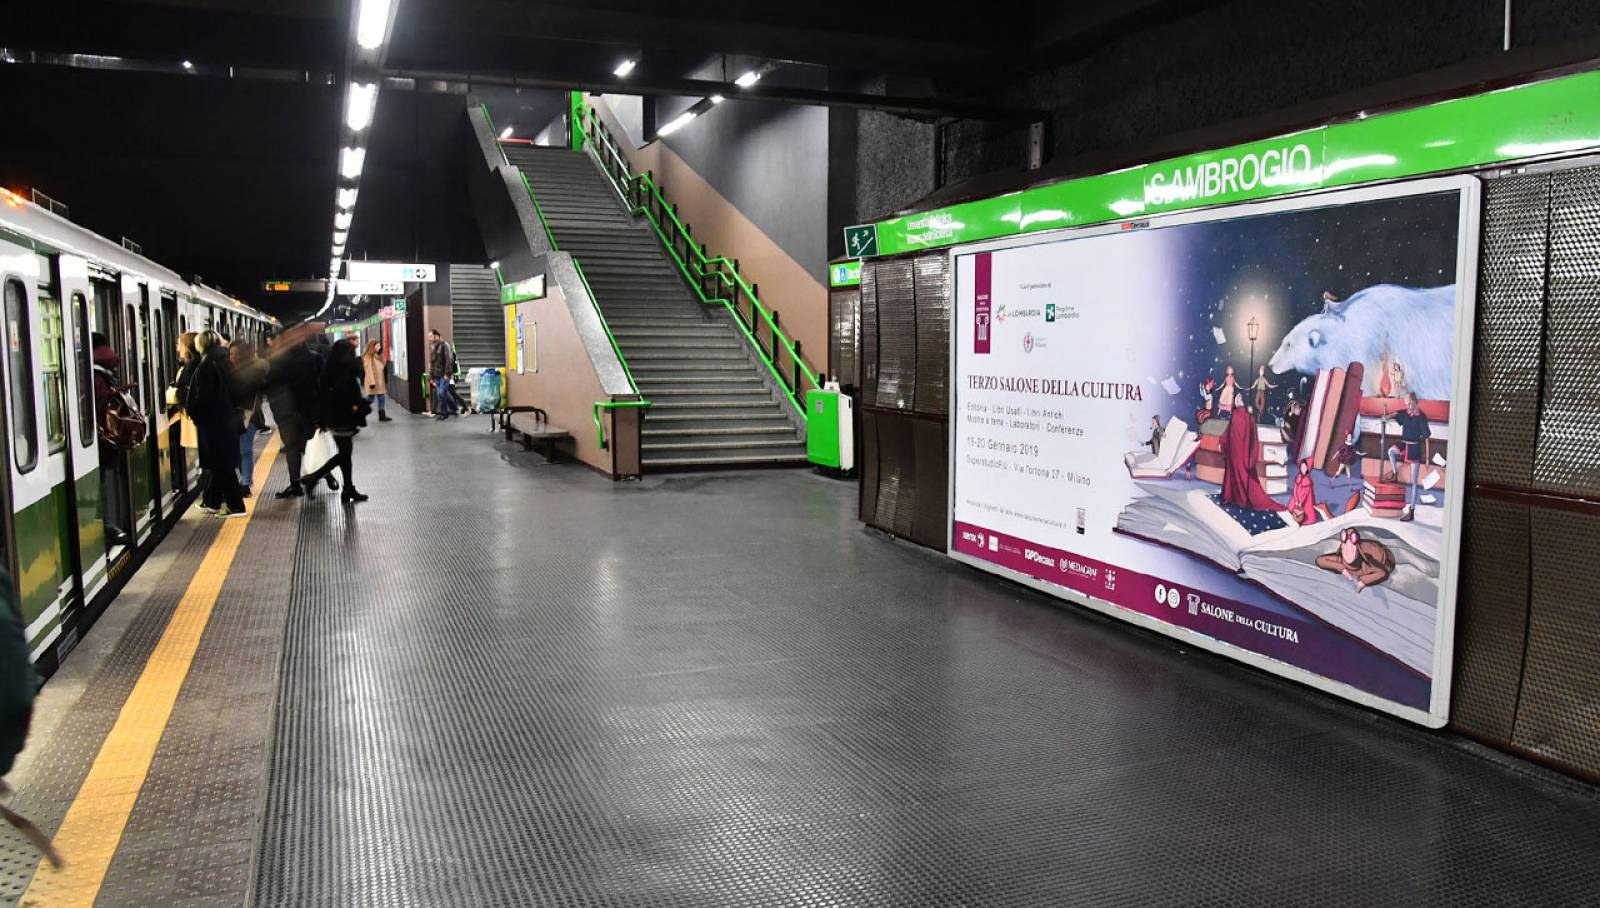 IGPDecaux Salone della cultura circuito Phygital Milano